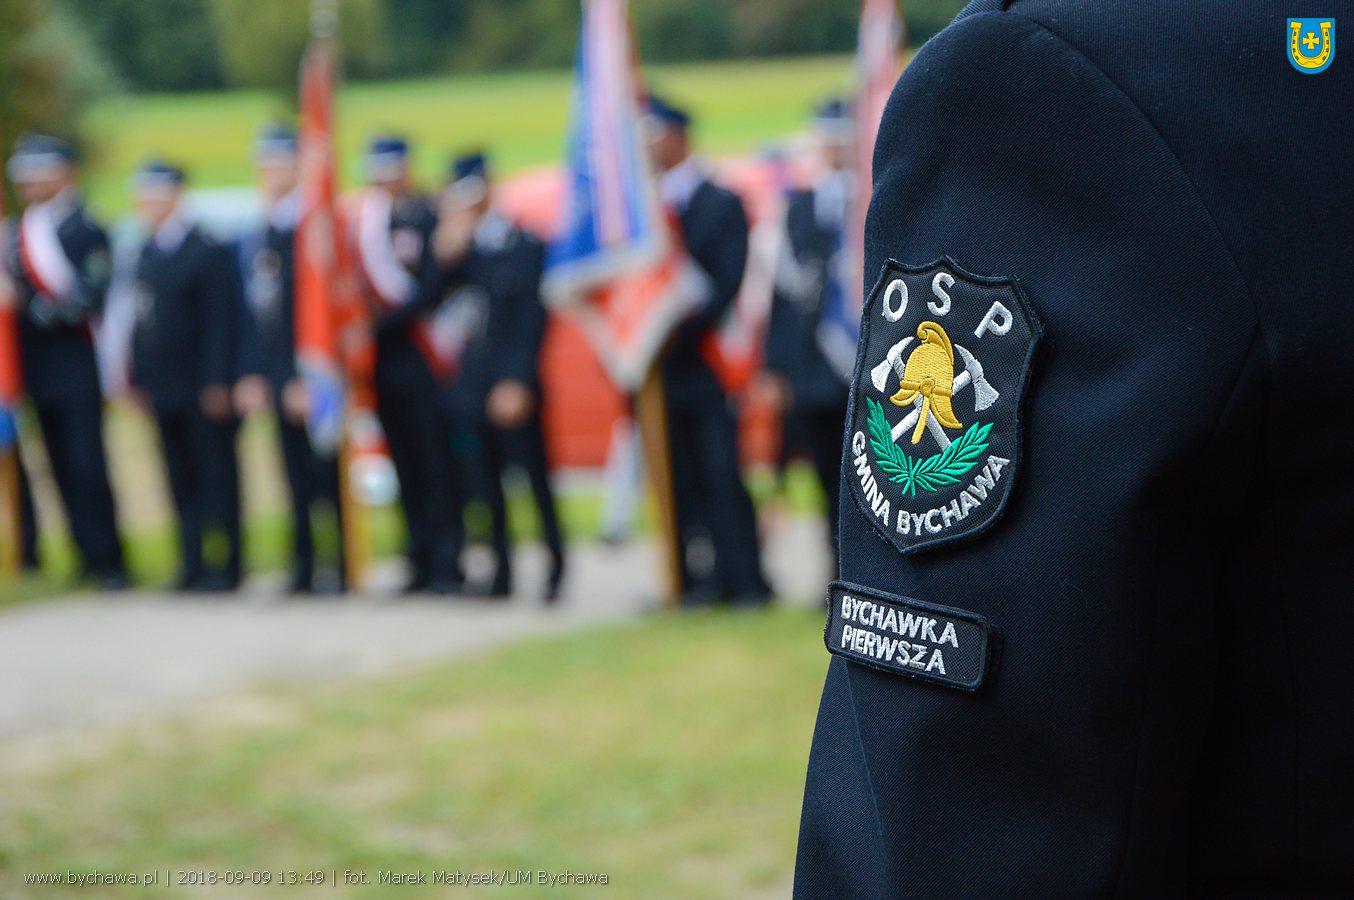 Jubileuszowe obchody 50-lecia Ochotniczej Straży Pożarnej w Bychawce Pierwszej – zdjęcia